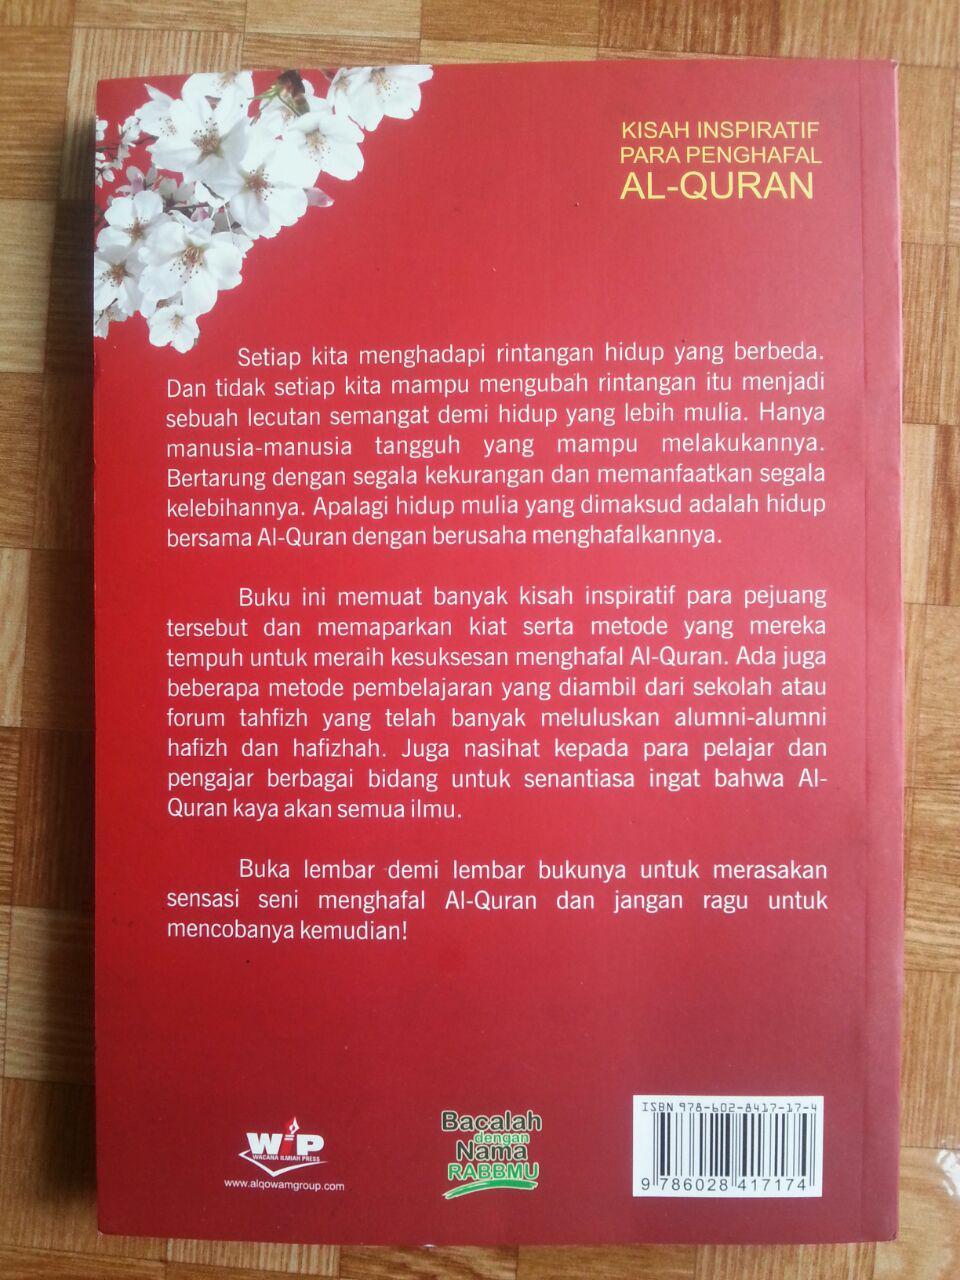 Buku Kisah Inspiratif Penghafal Al-Quran cover